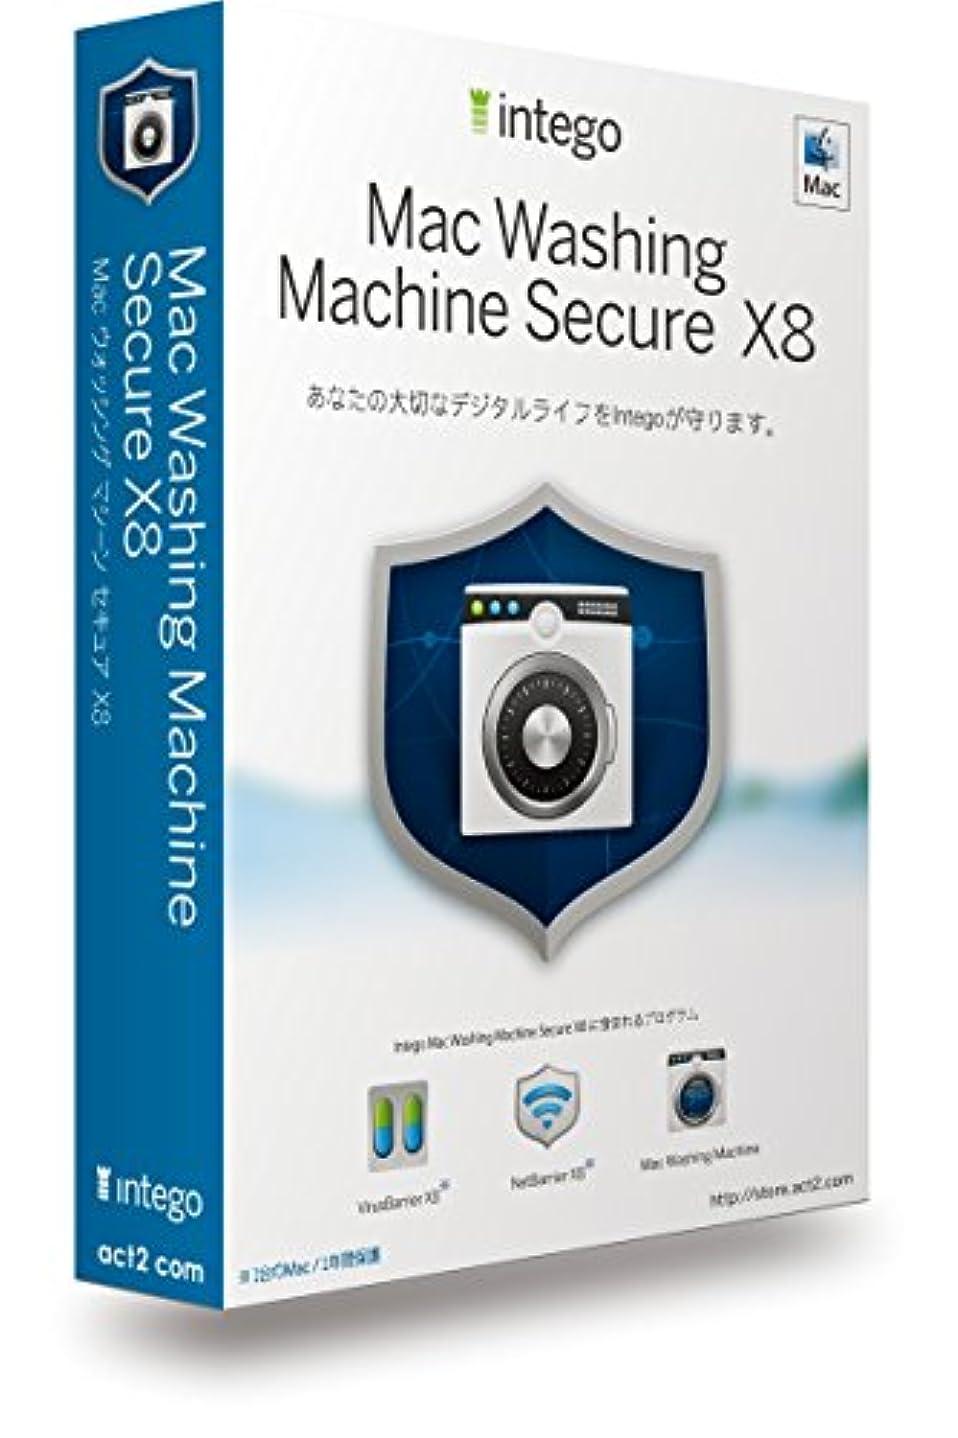 信頼ぜいたく酸っぱいMac Washing Machine Secure X8